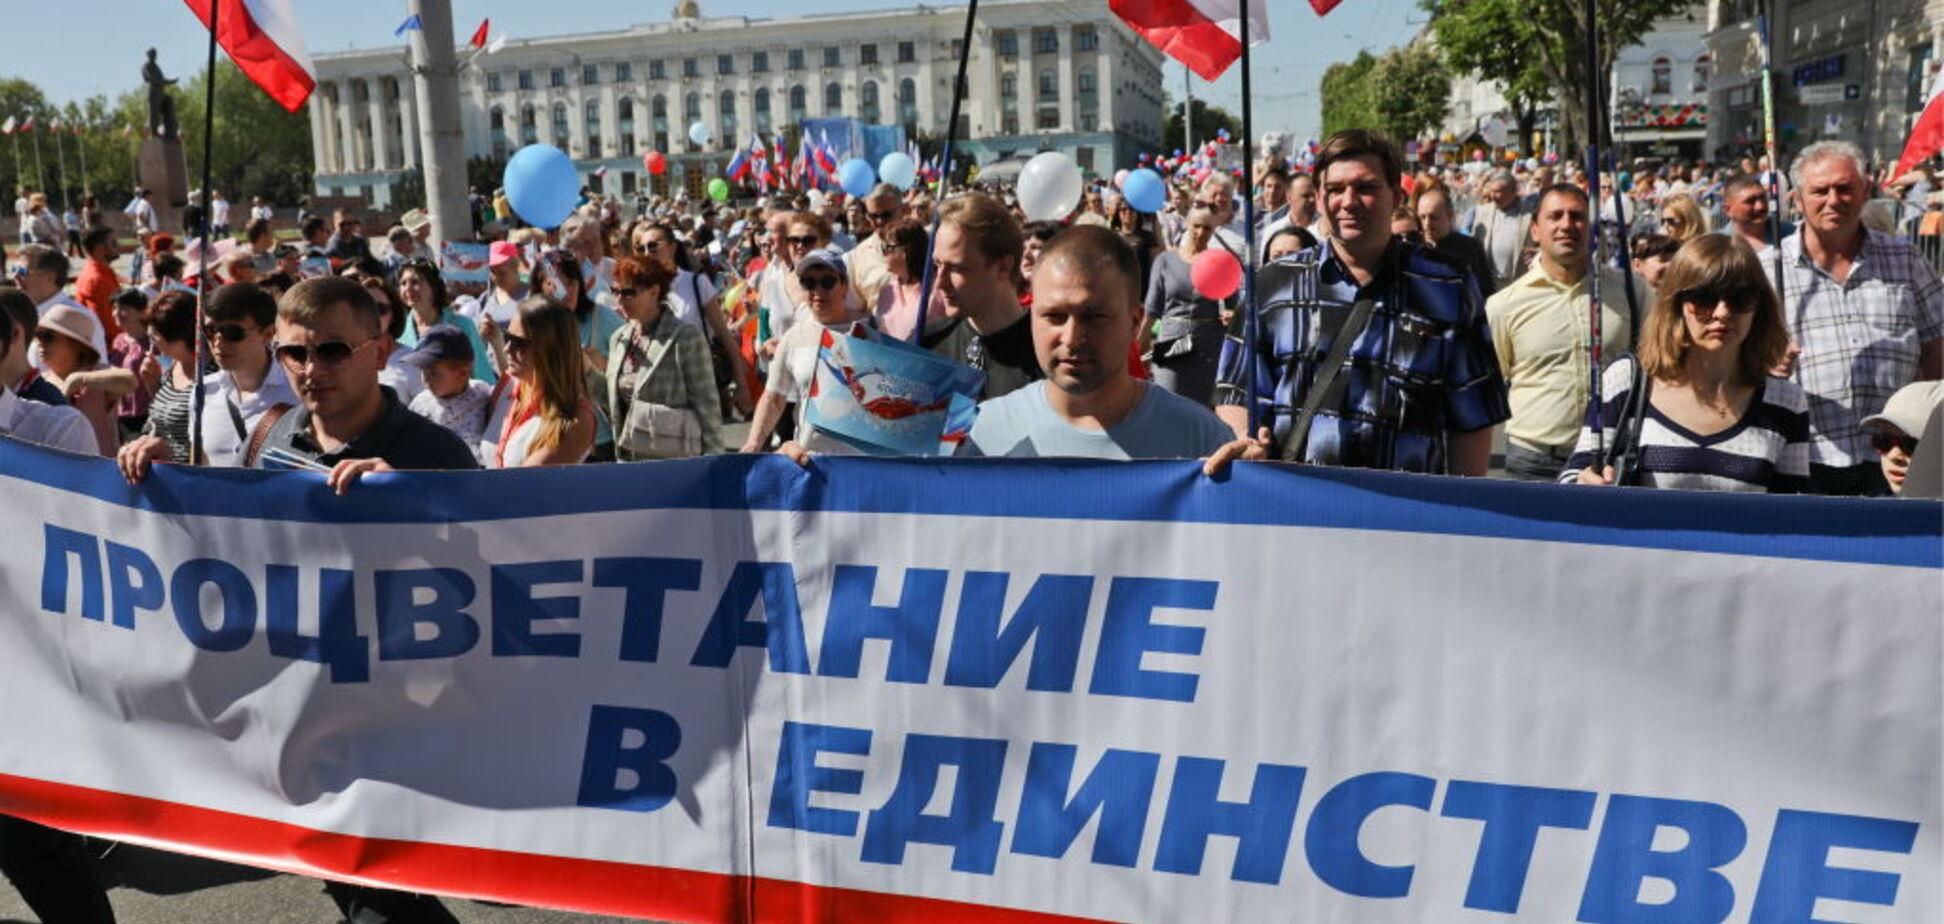 Письма из России: скоро мы вам все покажем кузькину мать!